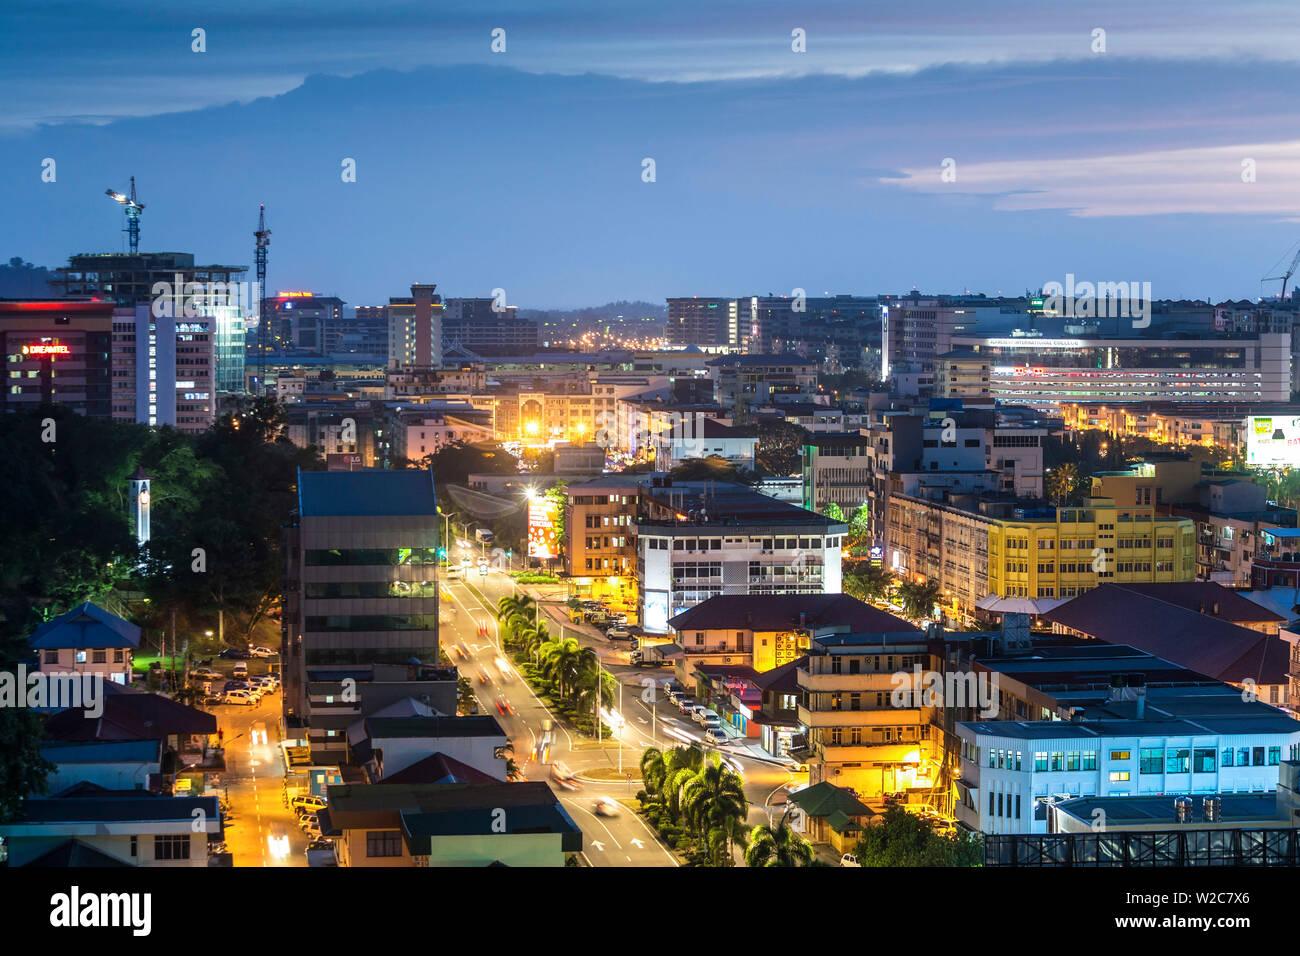 View over Kota Kinabalu at dusk, Sabah, Borneo, Malaysia - Stock Image